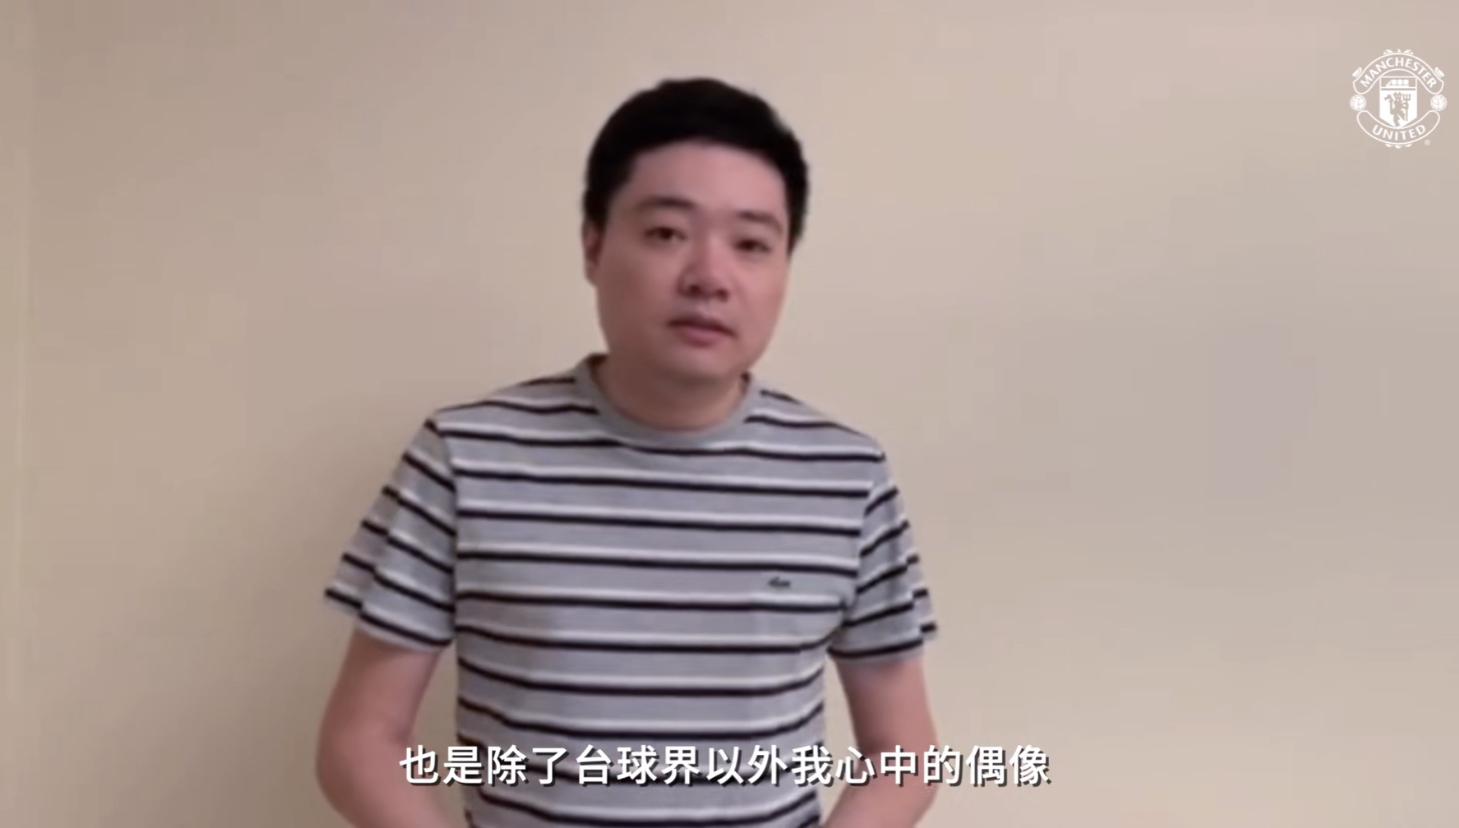 丁俊晖:吾现在击了C罗的成长,他是吾台球界表的偶像